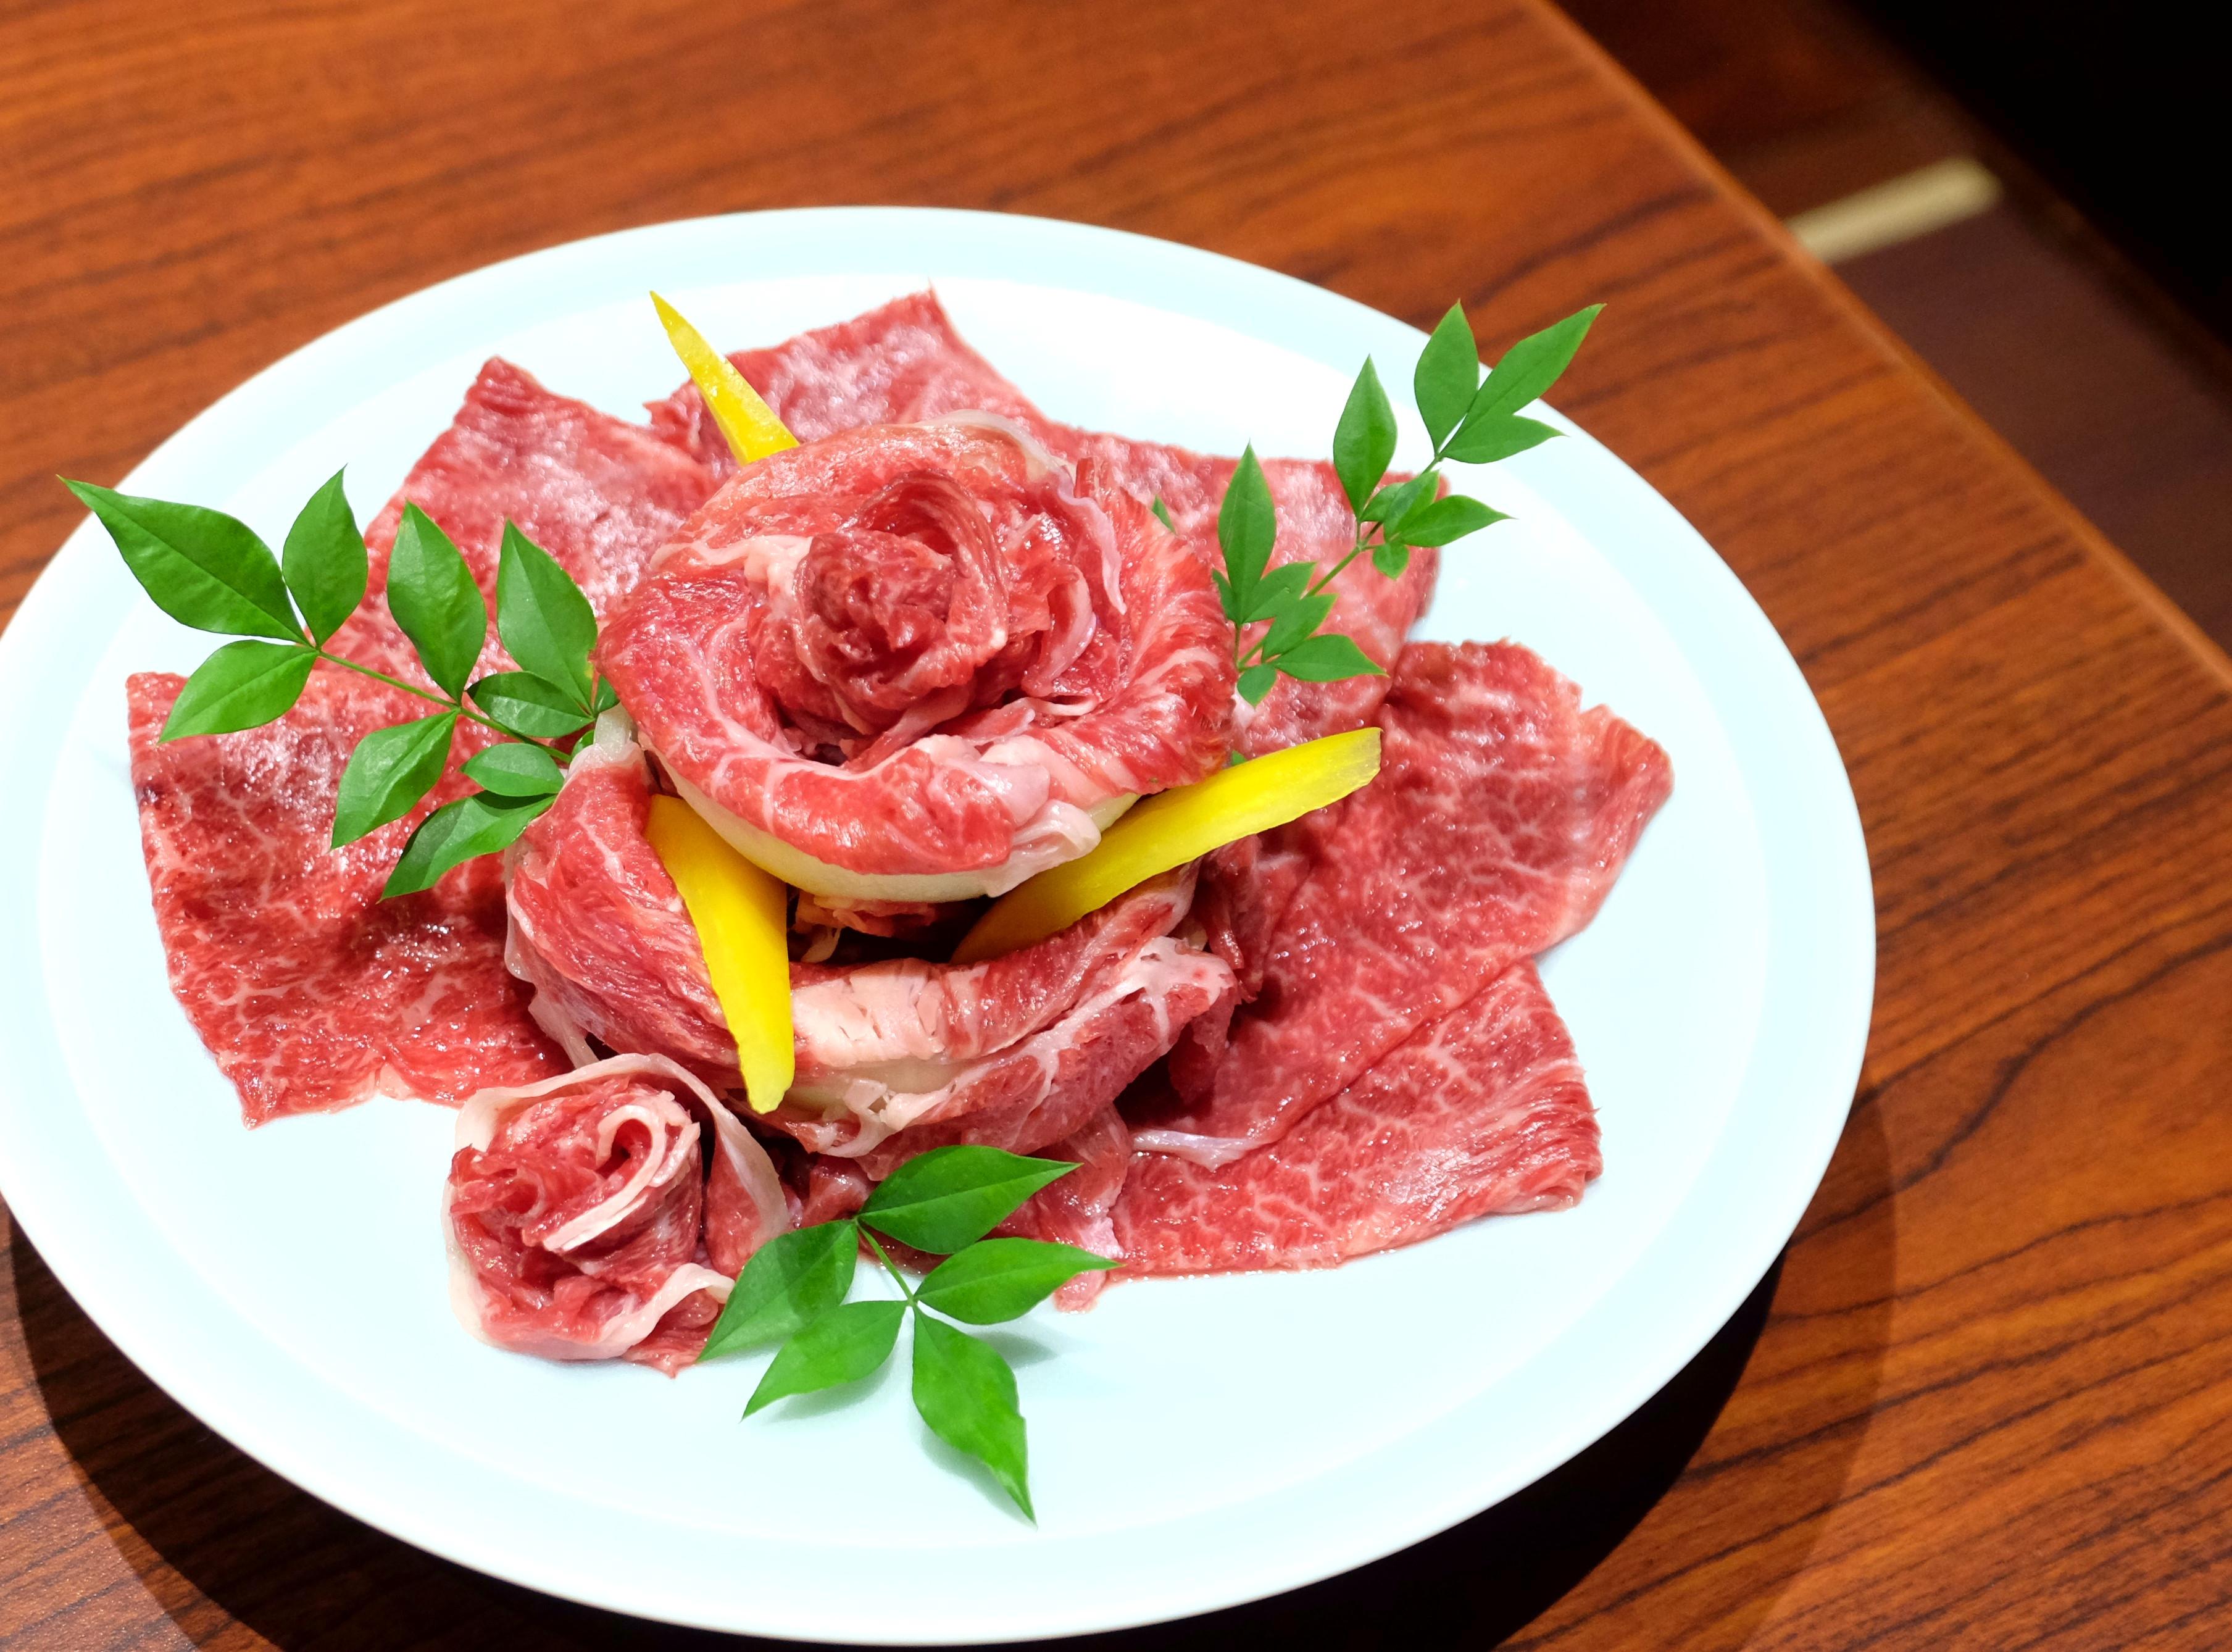 瓢斗,お祝い,肉,プレート,花